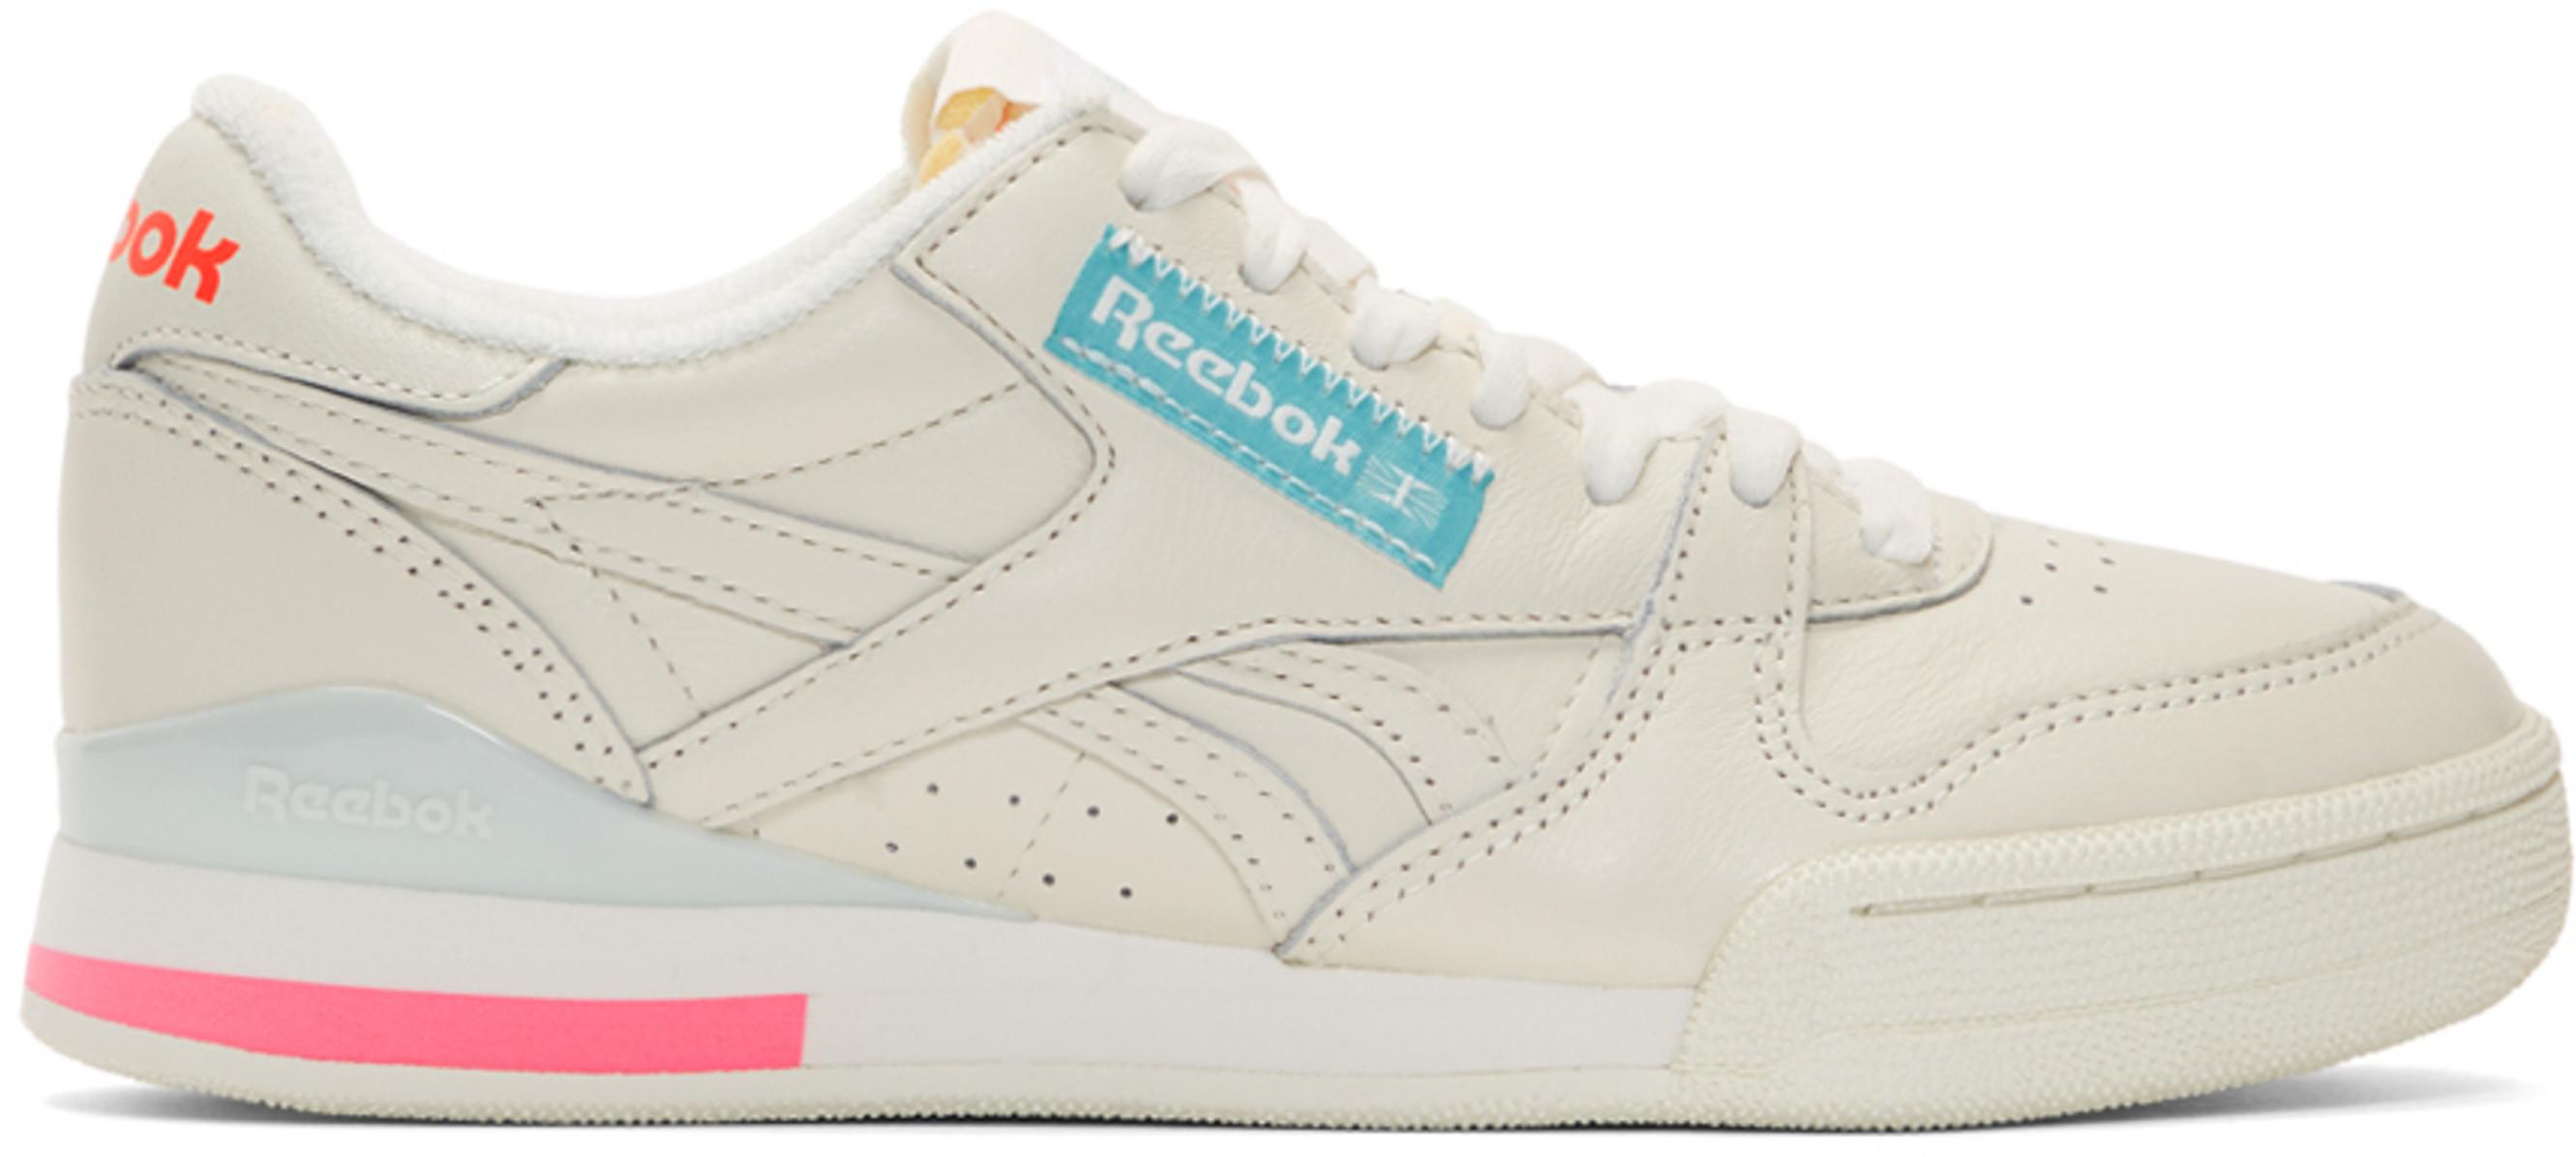 e77077238c8 Designer shoes for Women